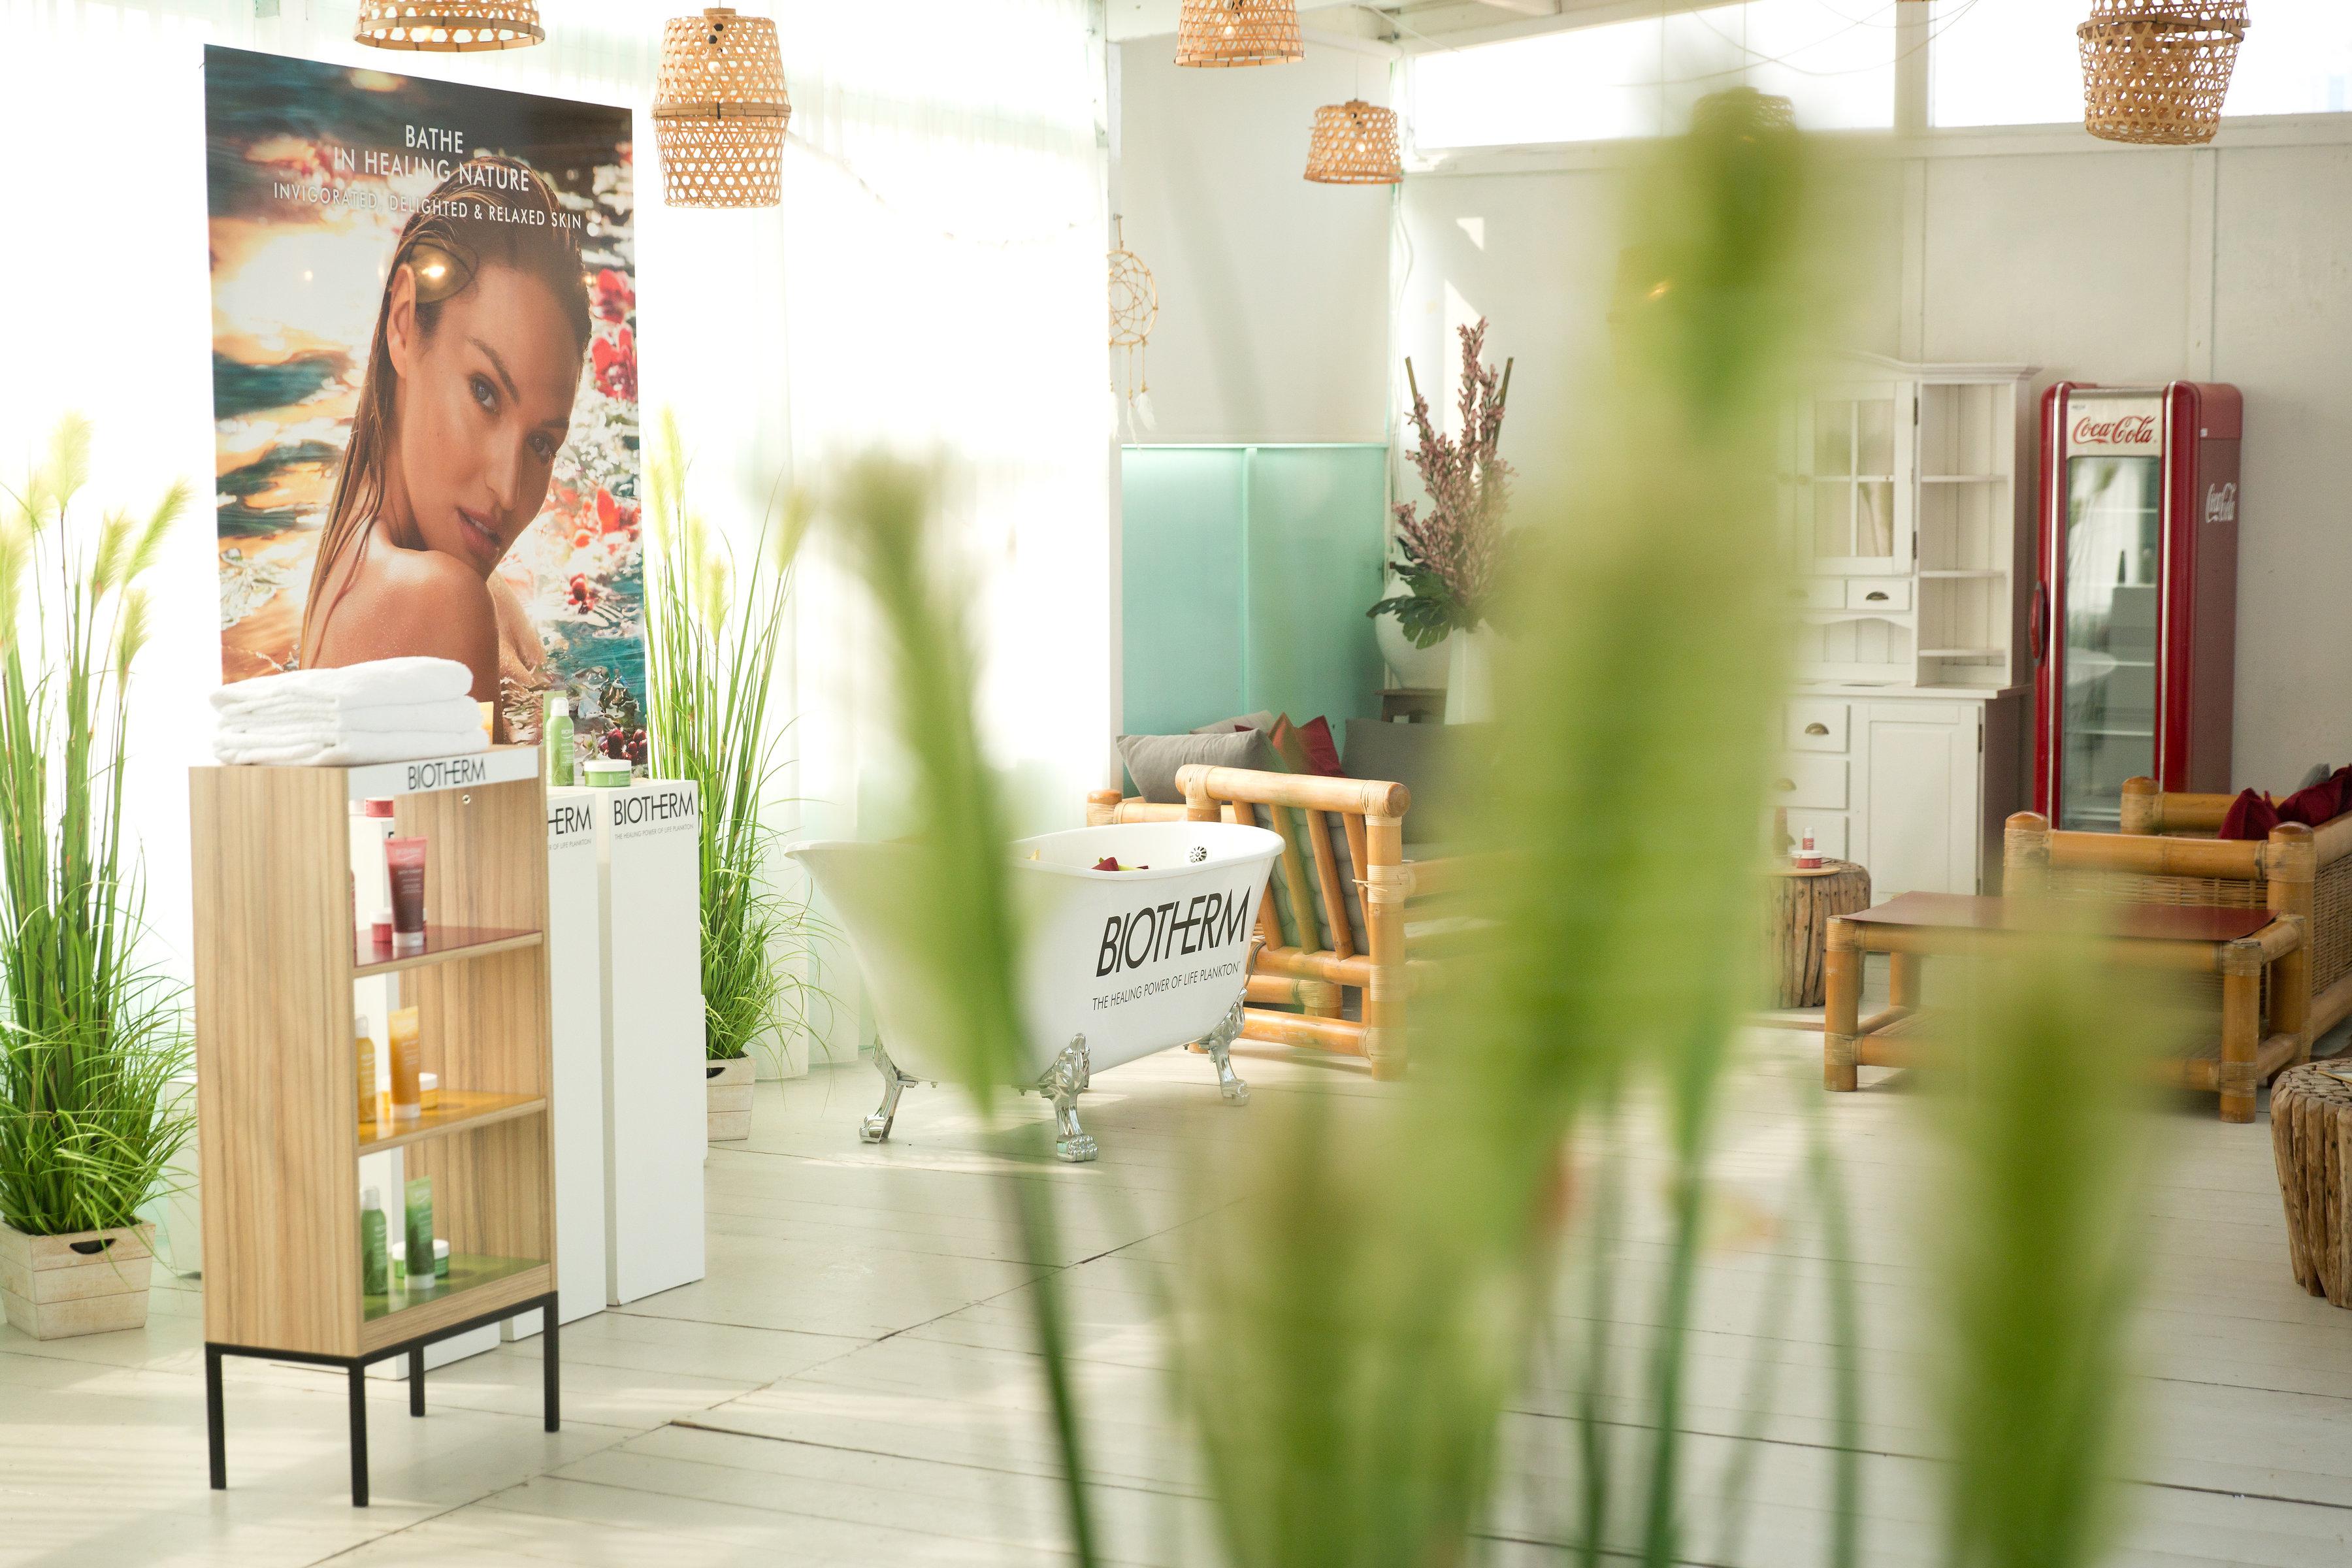 Biotherm summer event Scheveningen